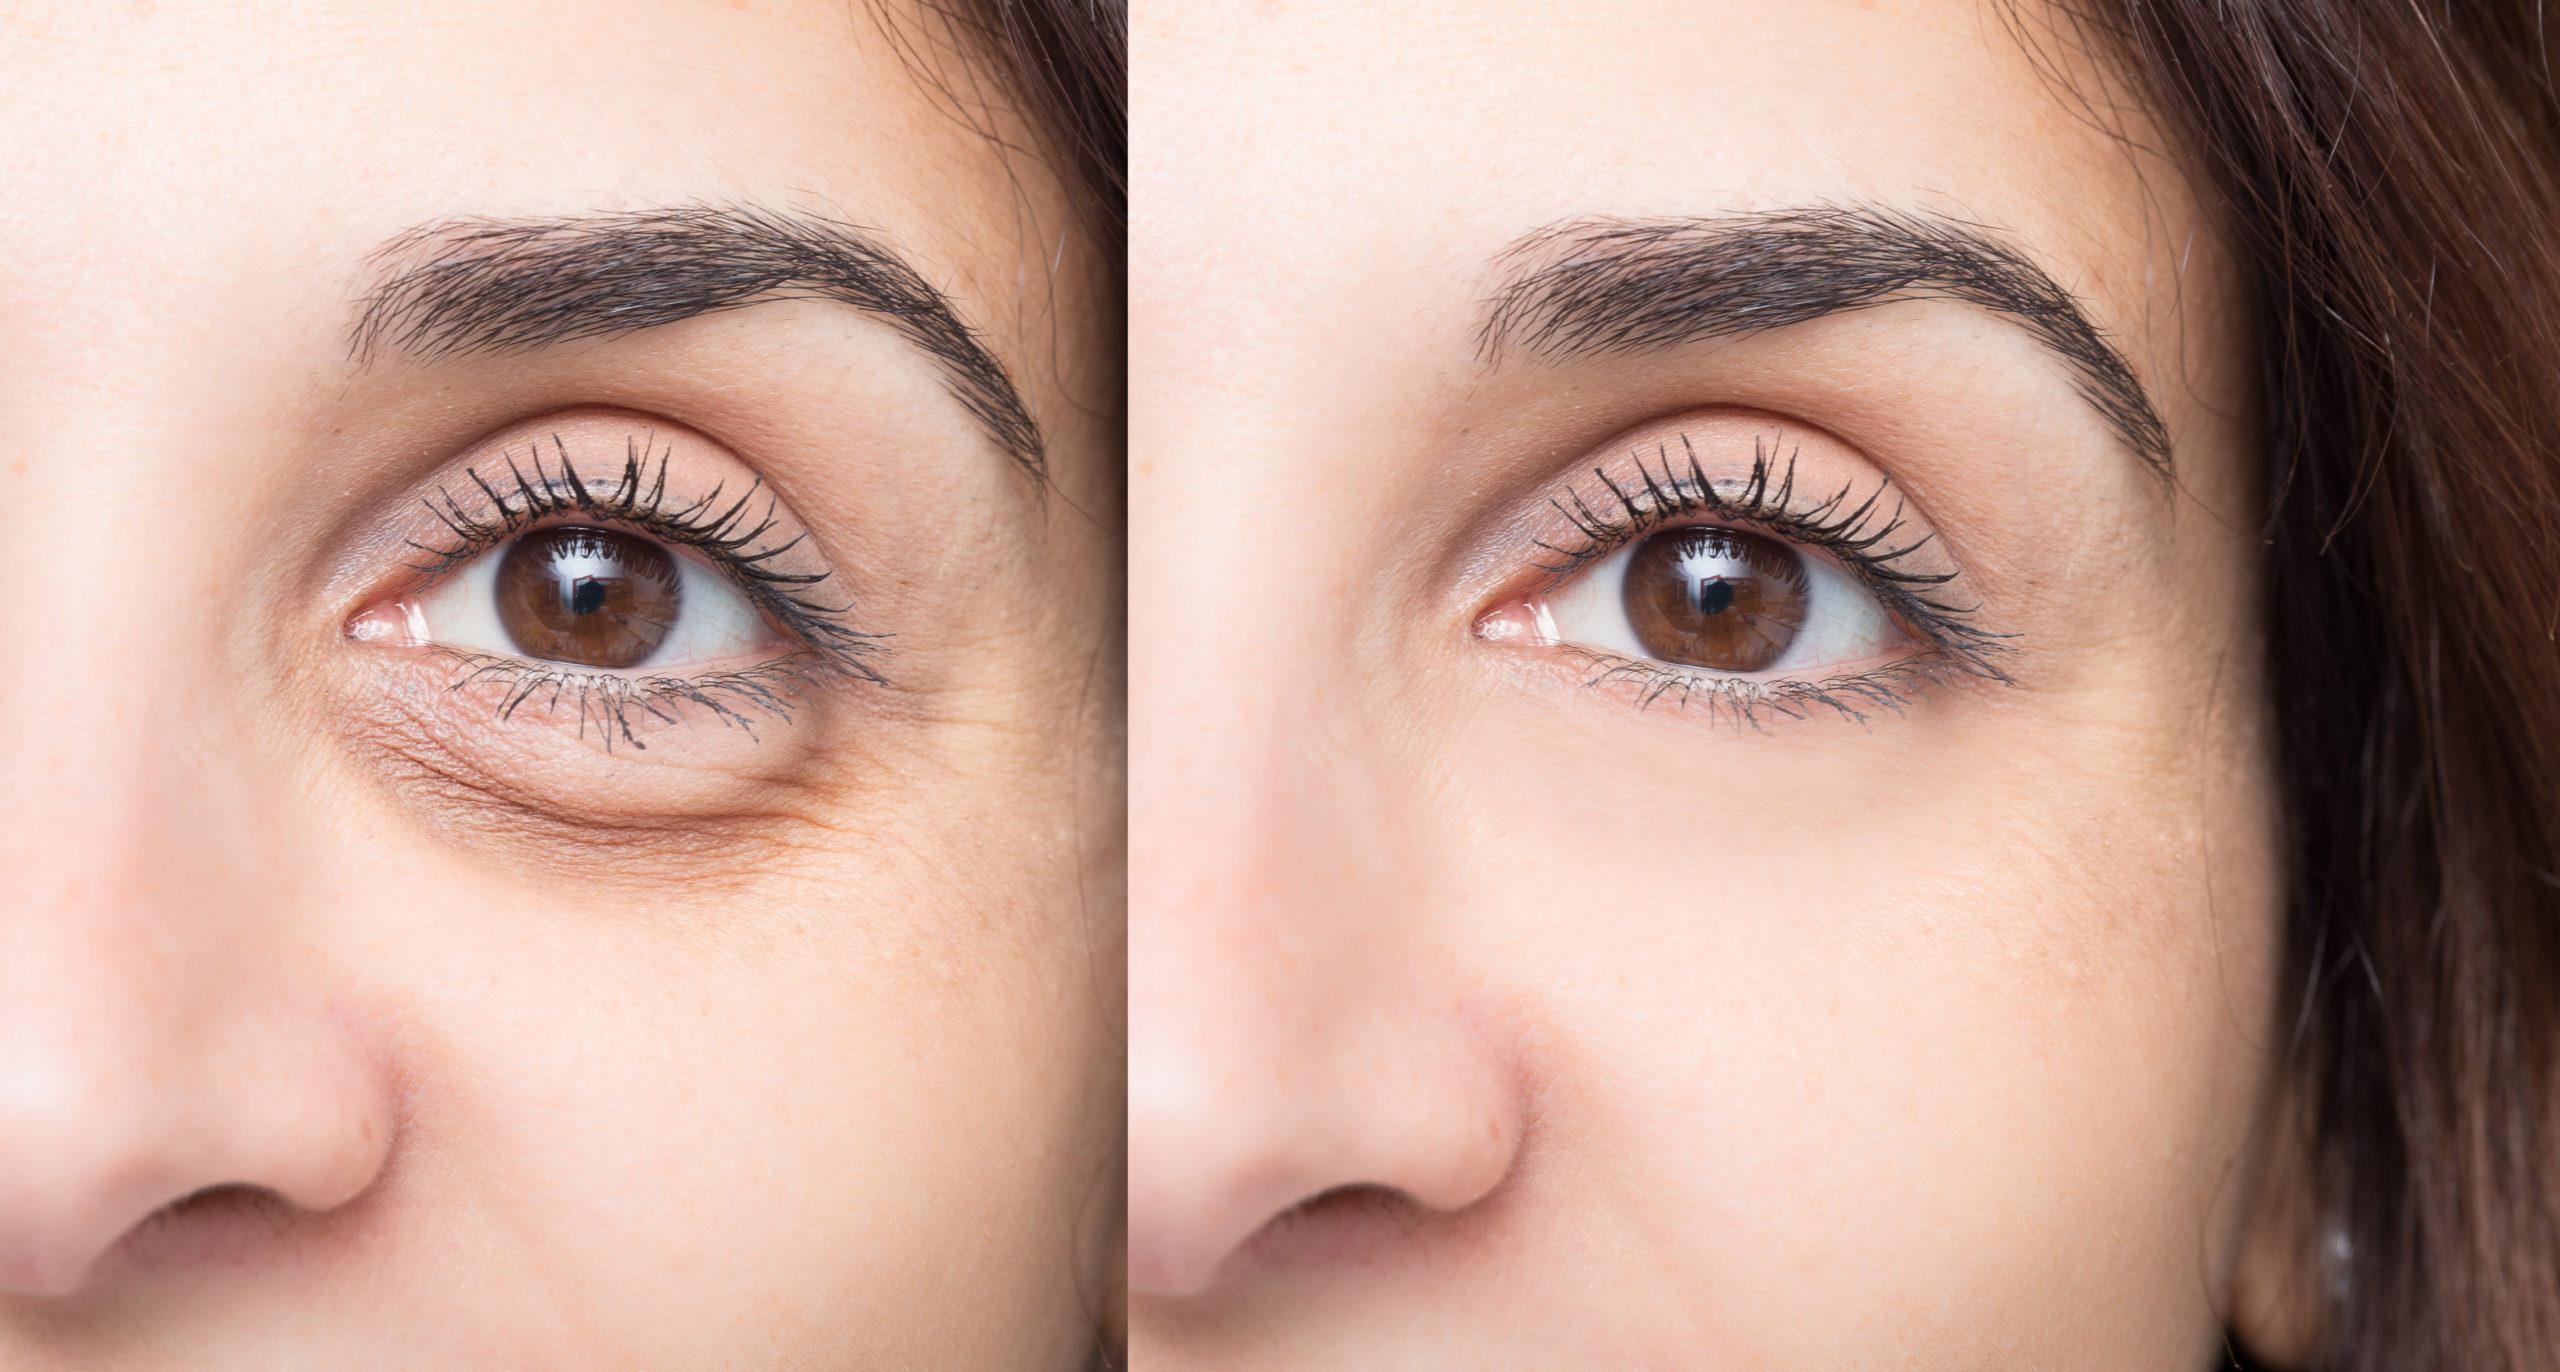 کربوکسی تراپی و ترمیم گودی زیر چشم و پلک ها